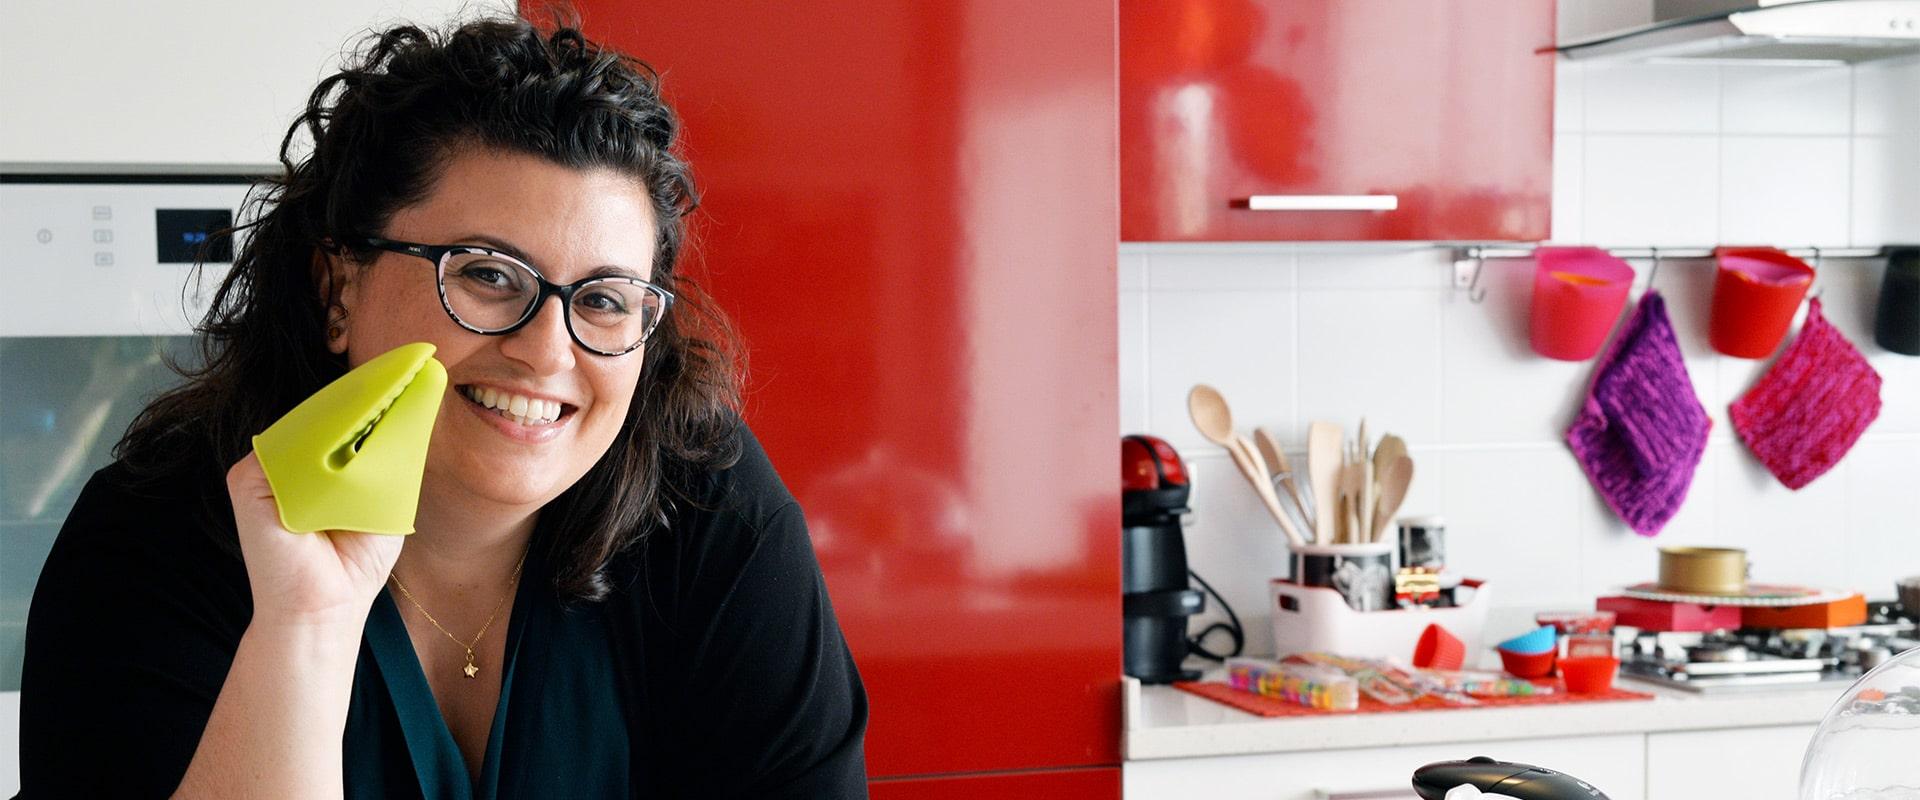 Maddalena Pisani web designer di siti belli e buoni